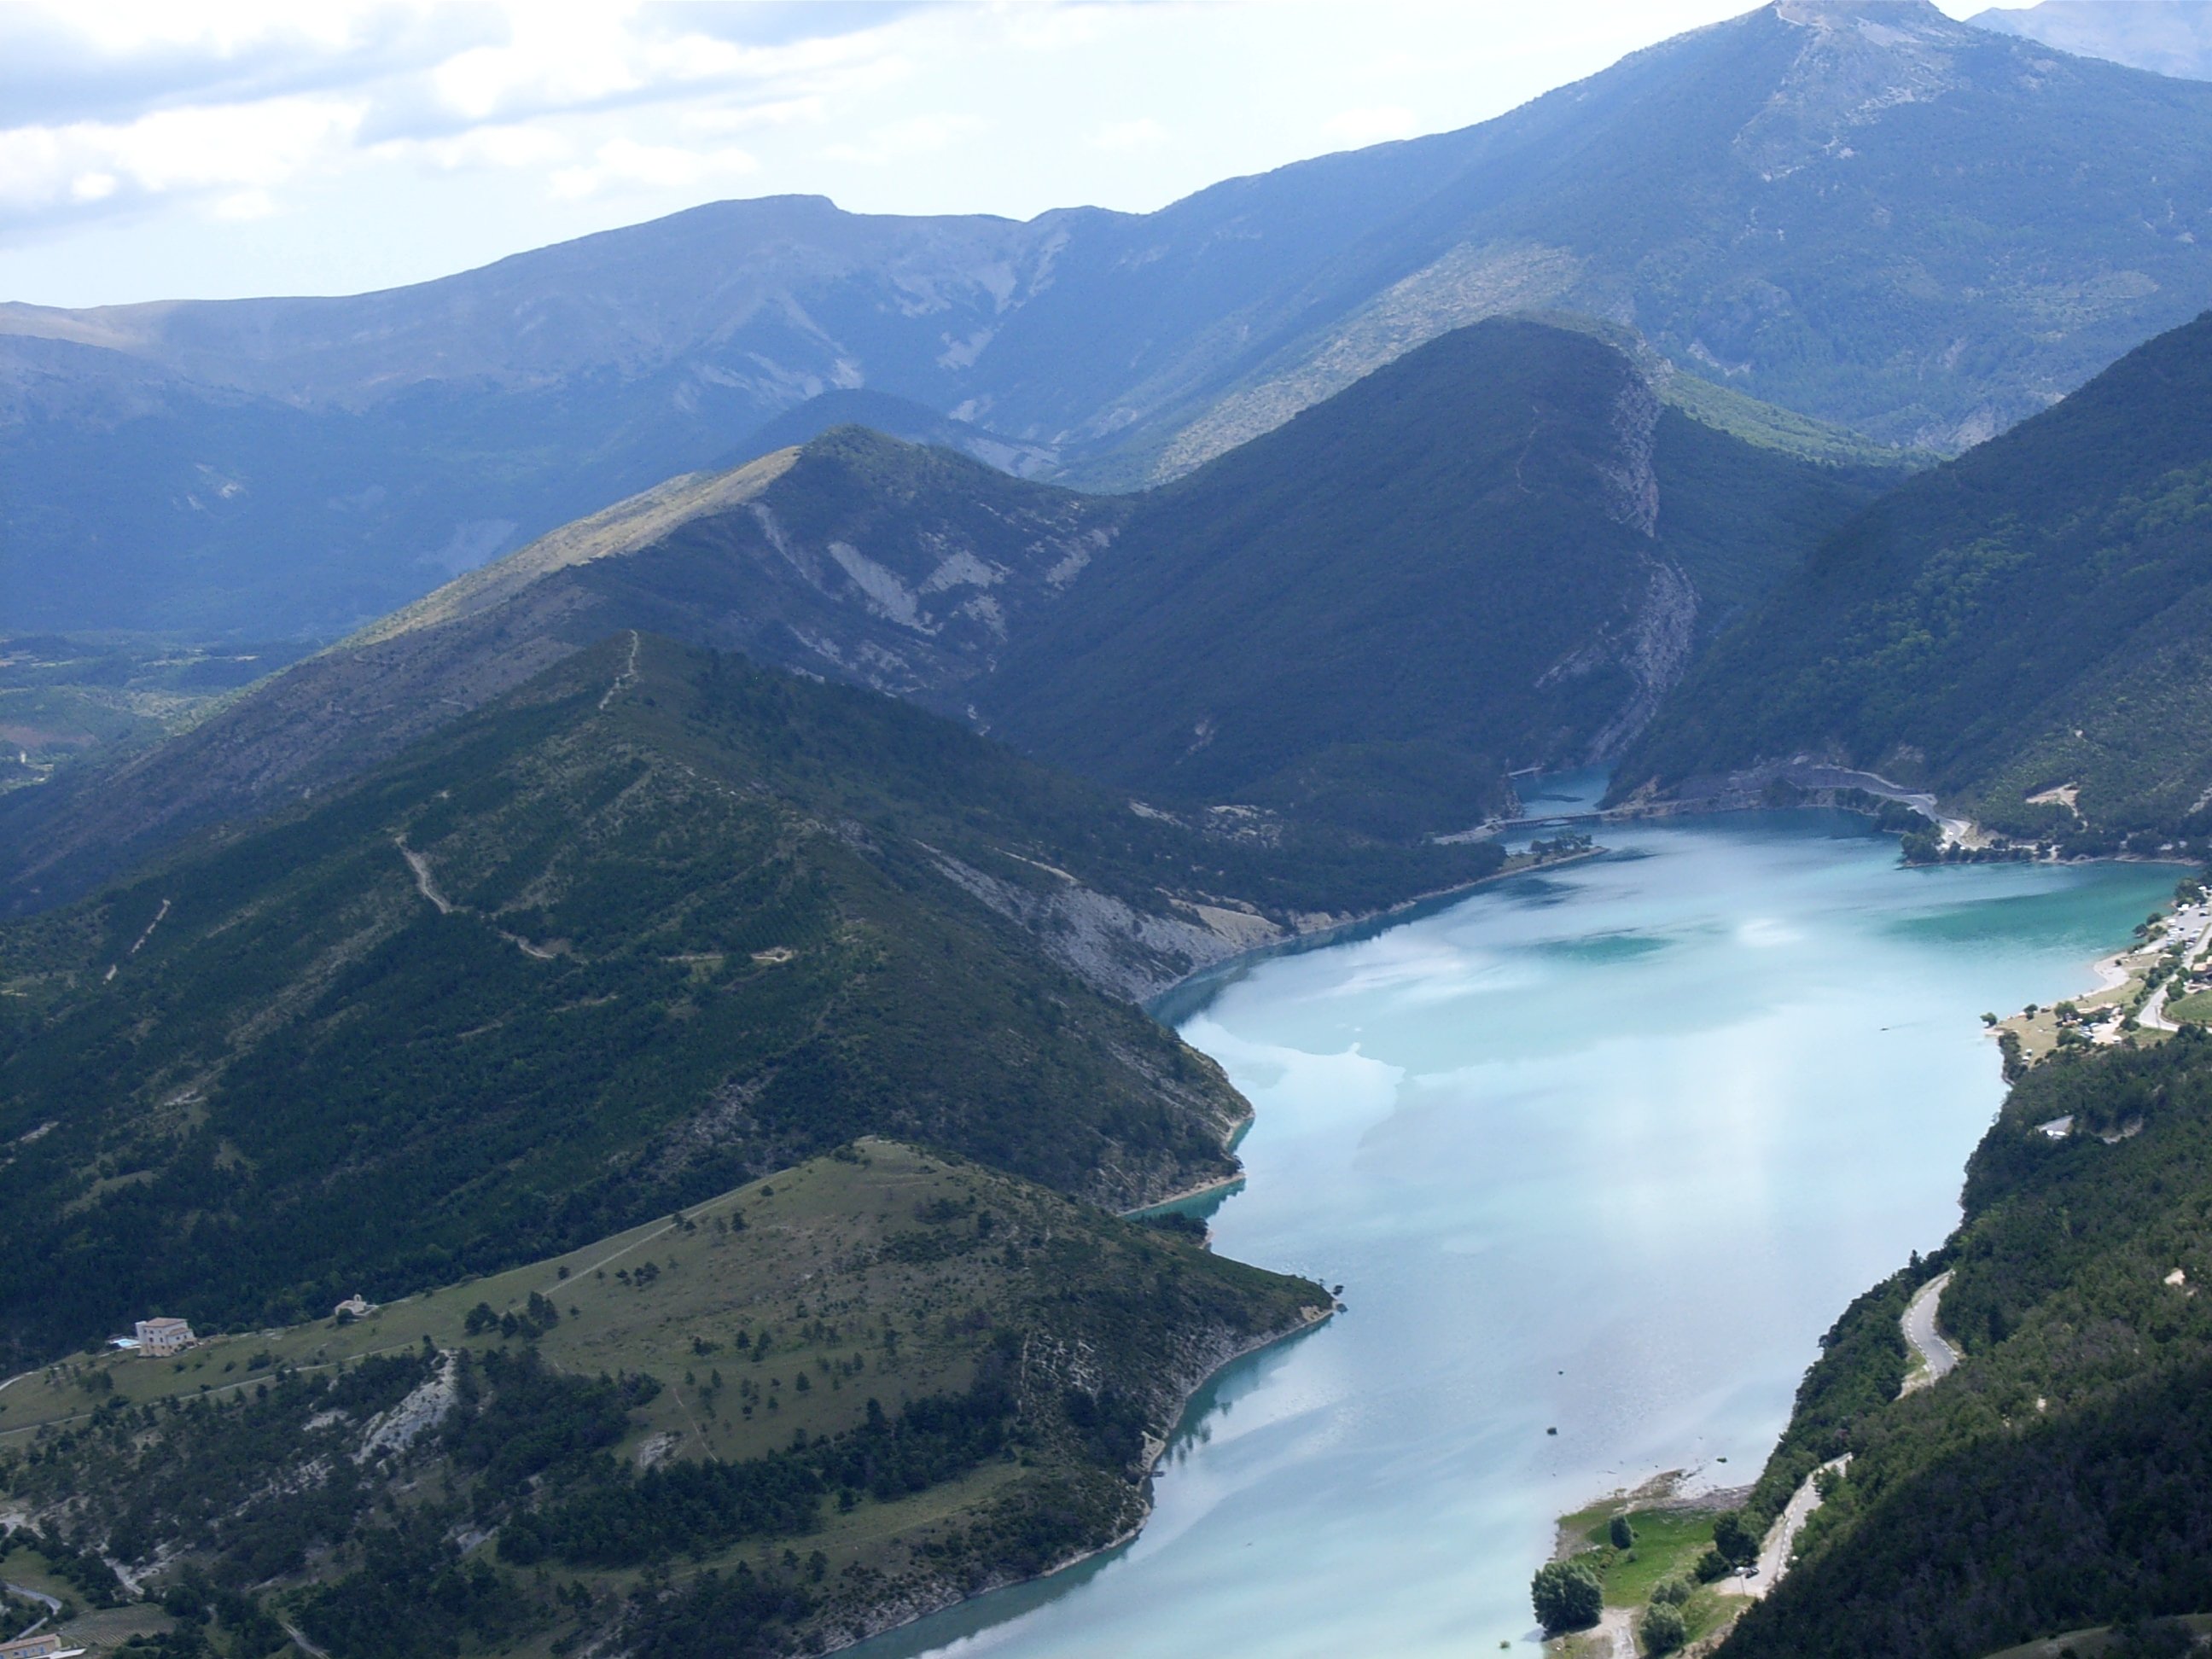 Saint-André-les-Alpes